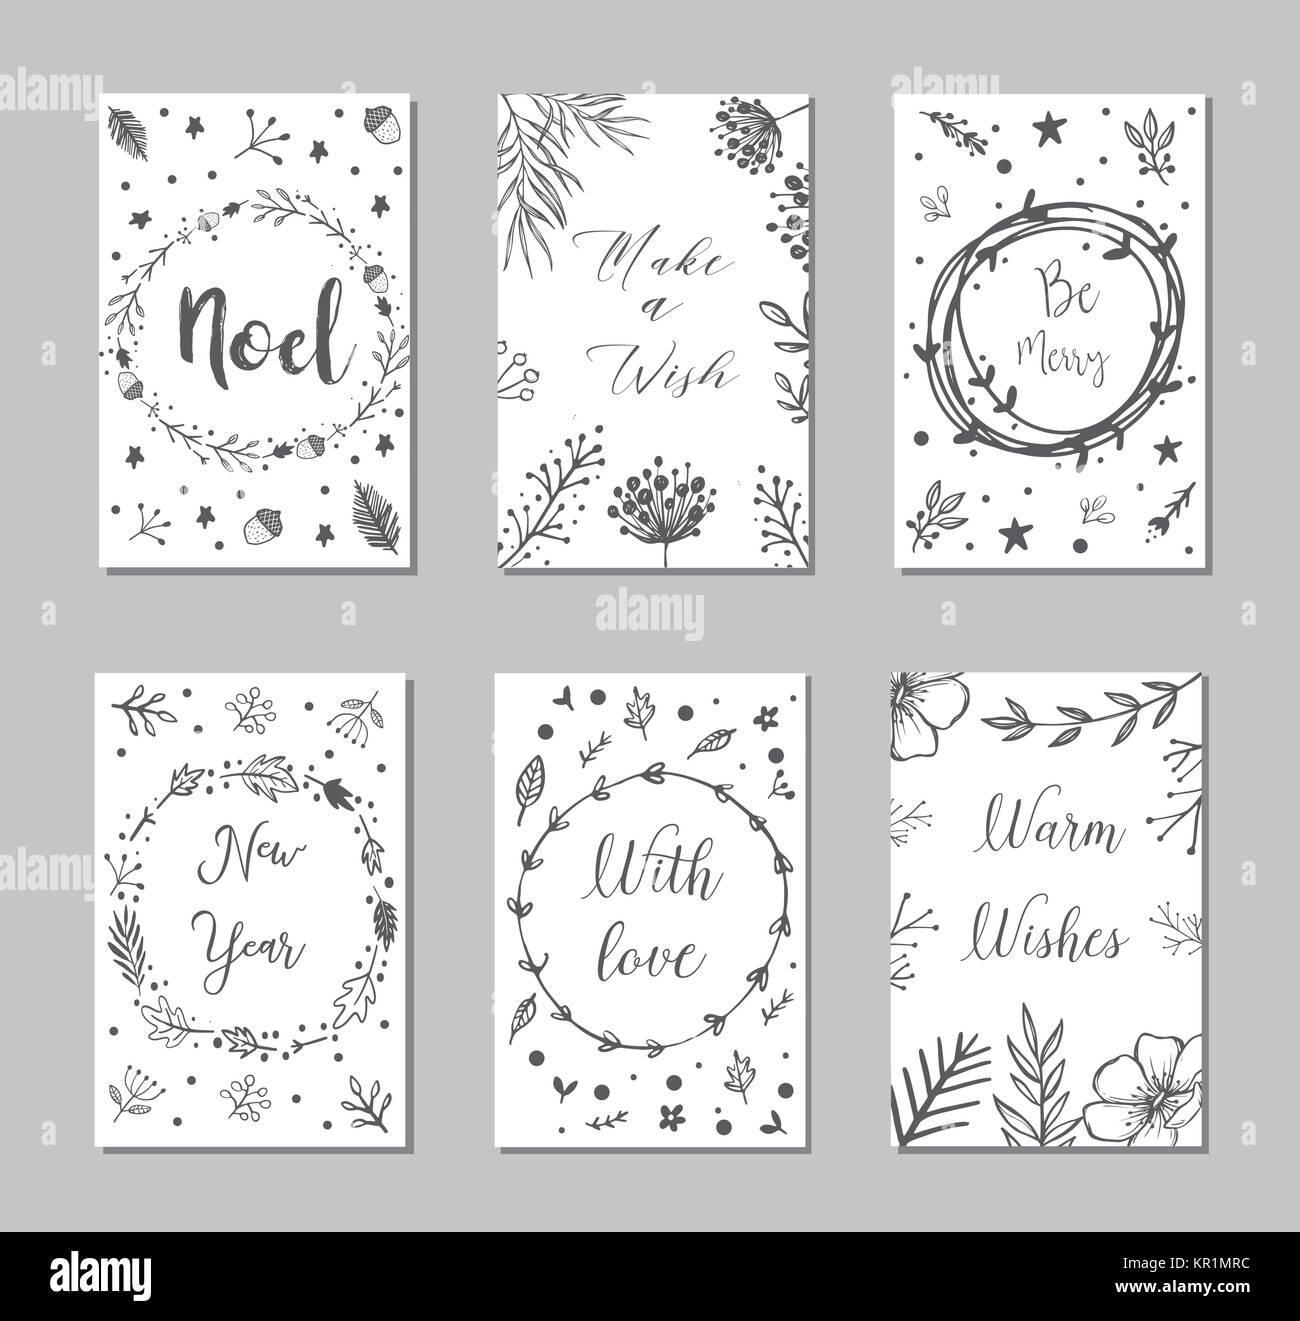 Buon Natale Del C Testo.Nuovo Anno E Buon Natale Decorazione Set Tipografia Set I Simboli